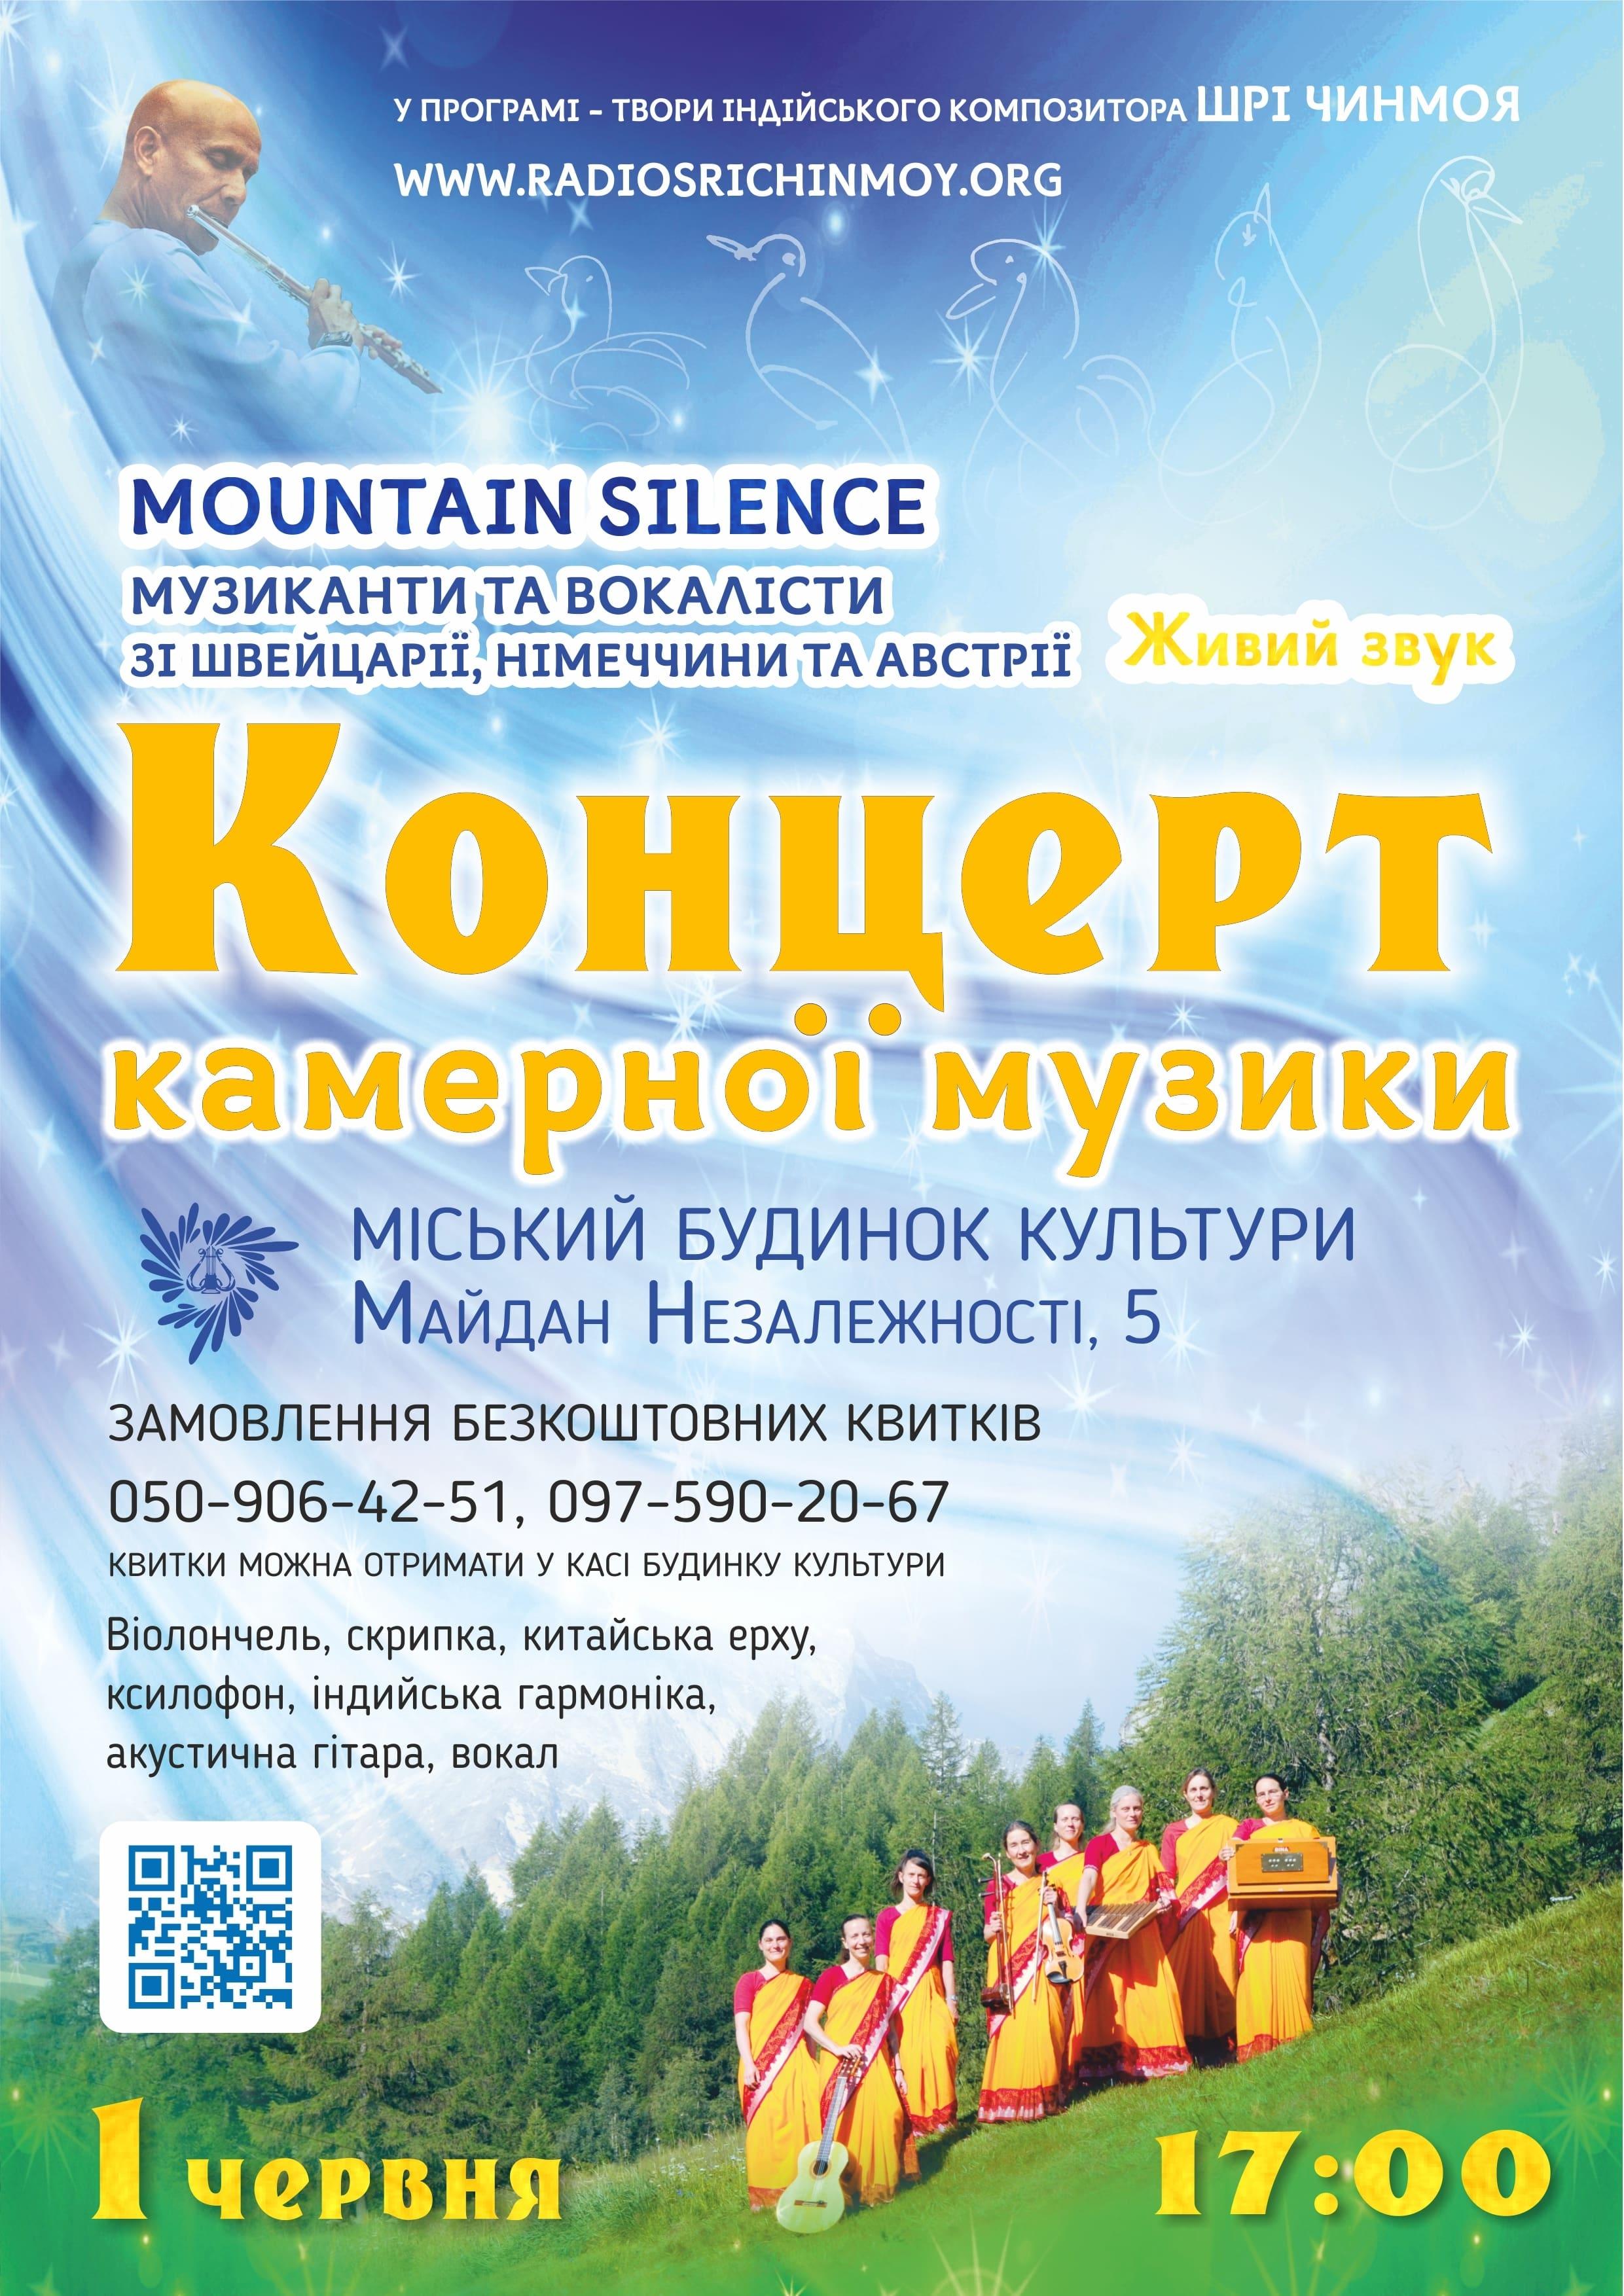 Концерт групи Mountain Silence в Полтаві